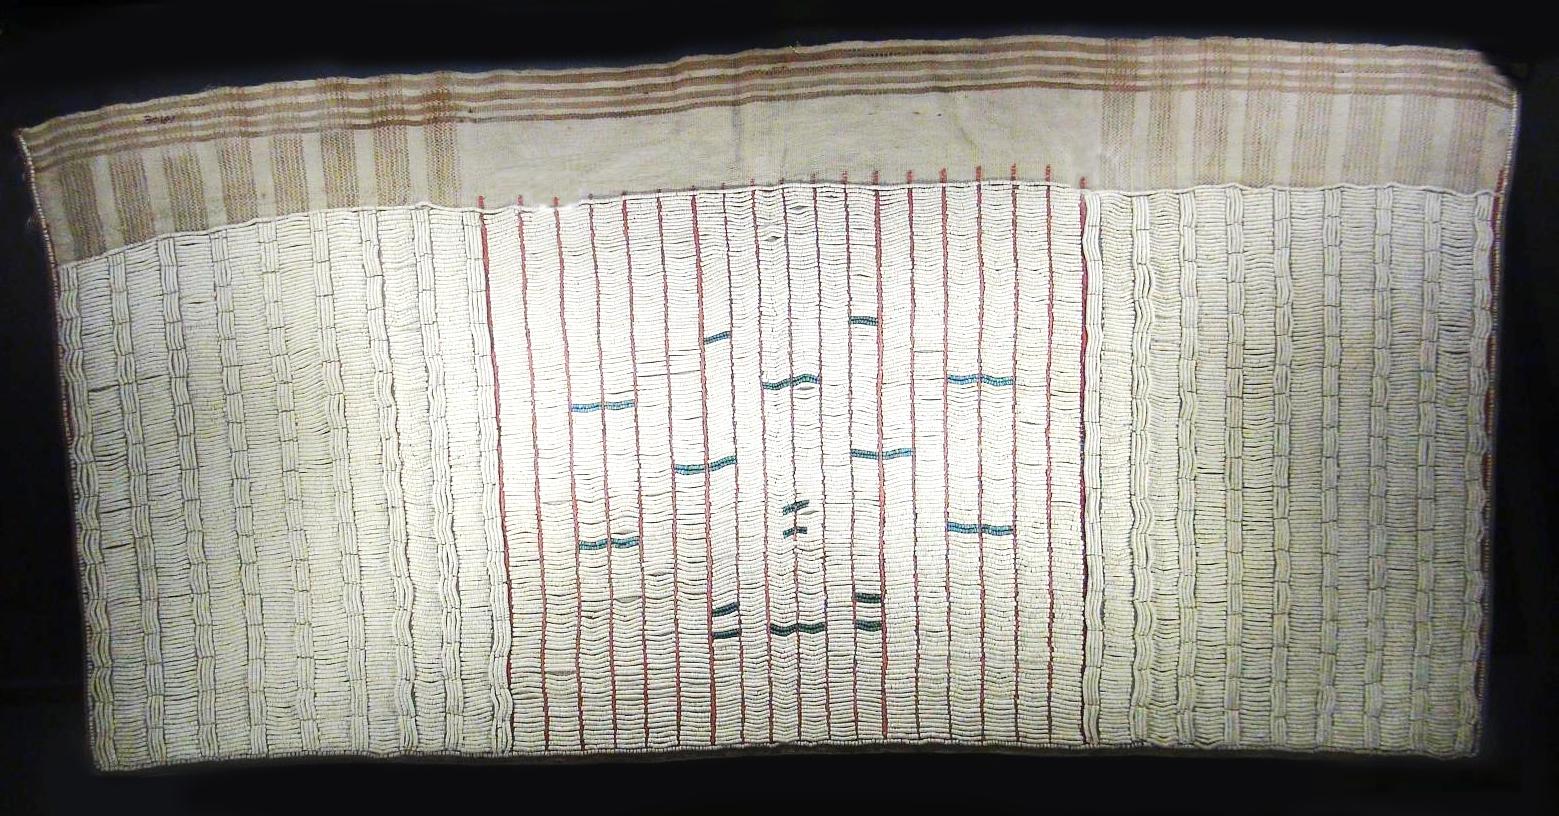 展示中的貝珠裙,曾綴滿貝珠,是一種沒有綁帶、造型很像裙子的泰雅織品。圖│中研院民族所